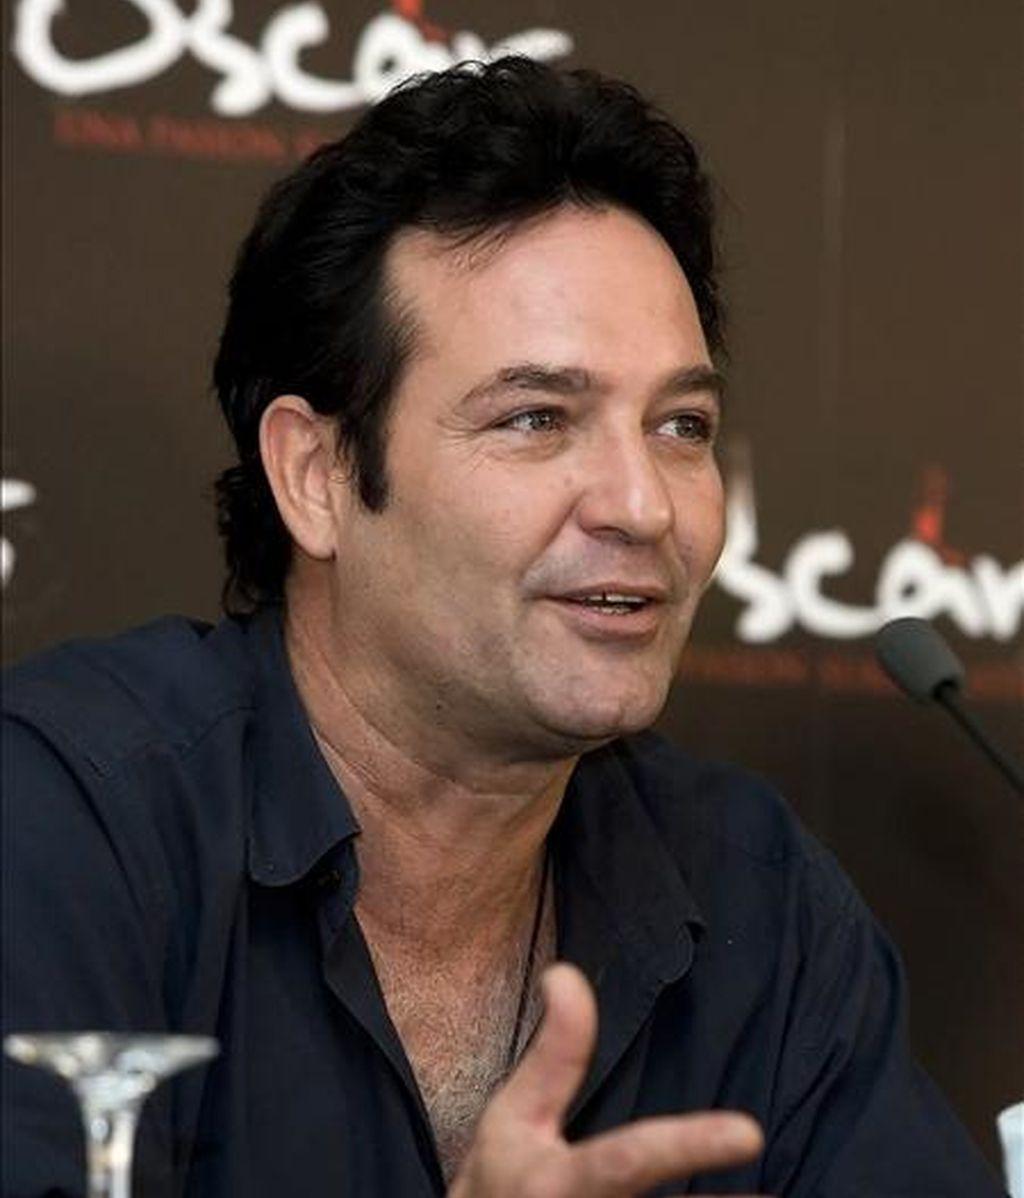 Imagen de archivo del actor Jorge Perugorría, quien confirmó su asistencia al Festival. EFE/Archivo